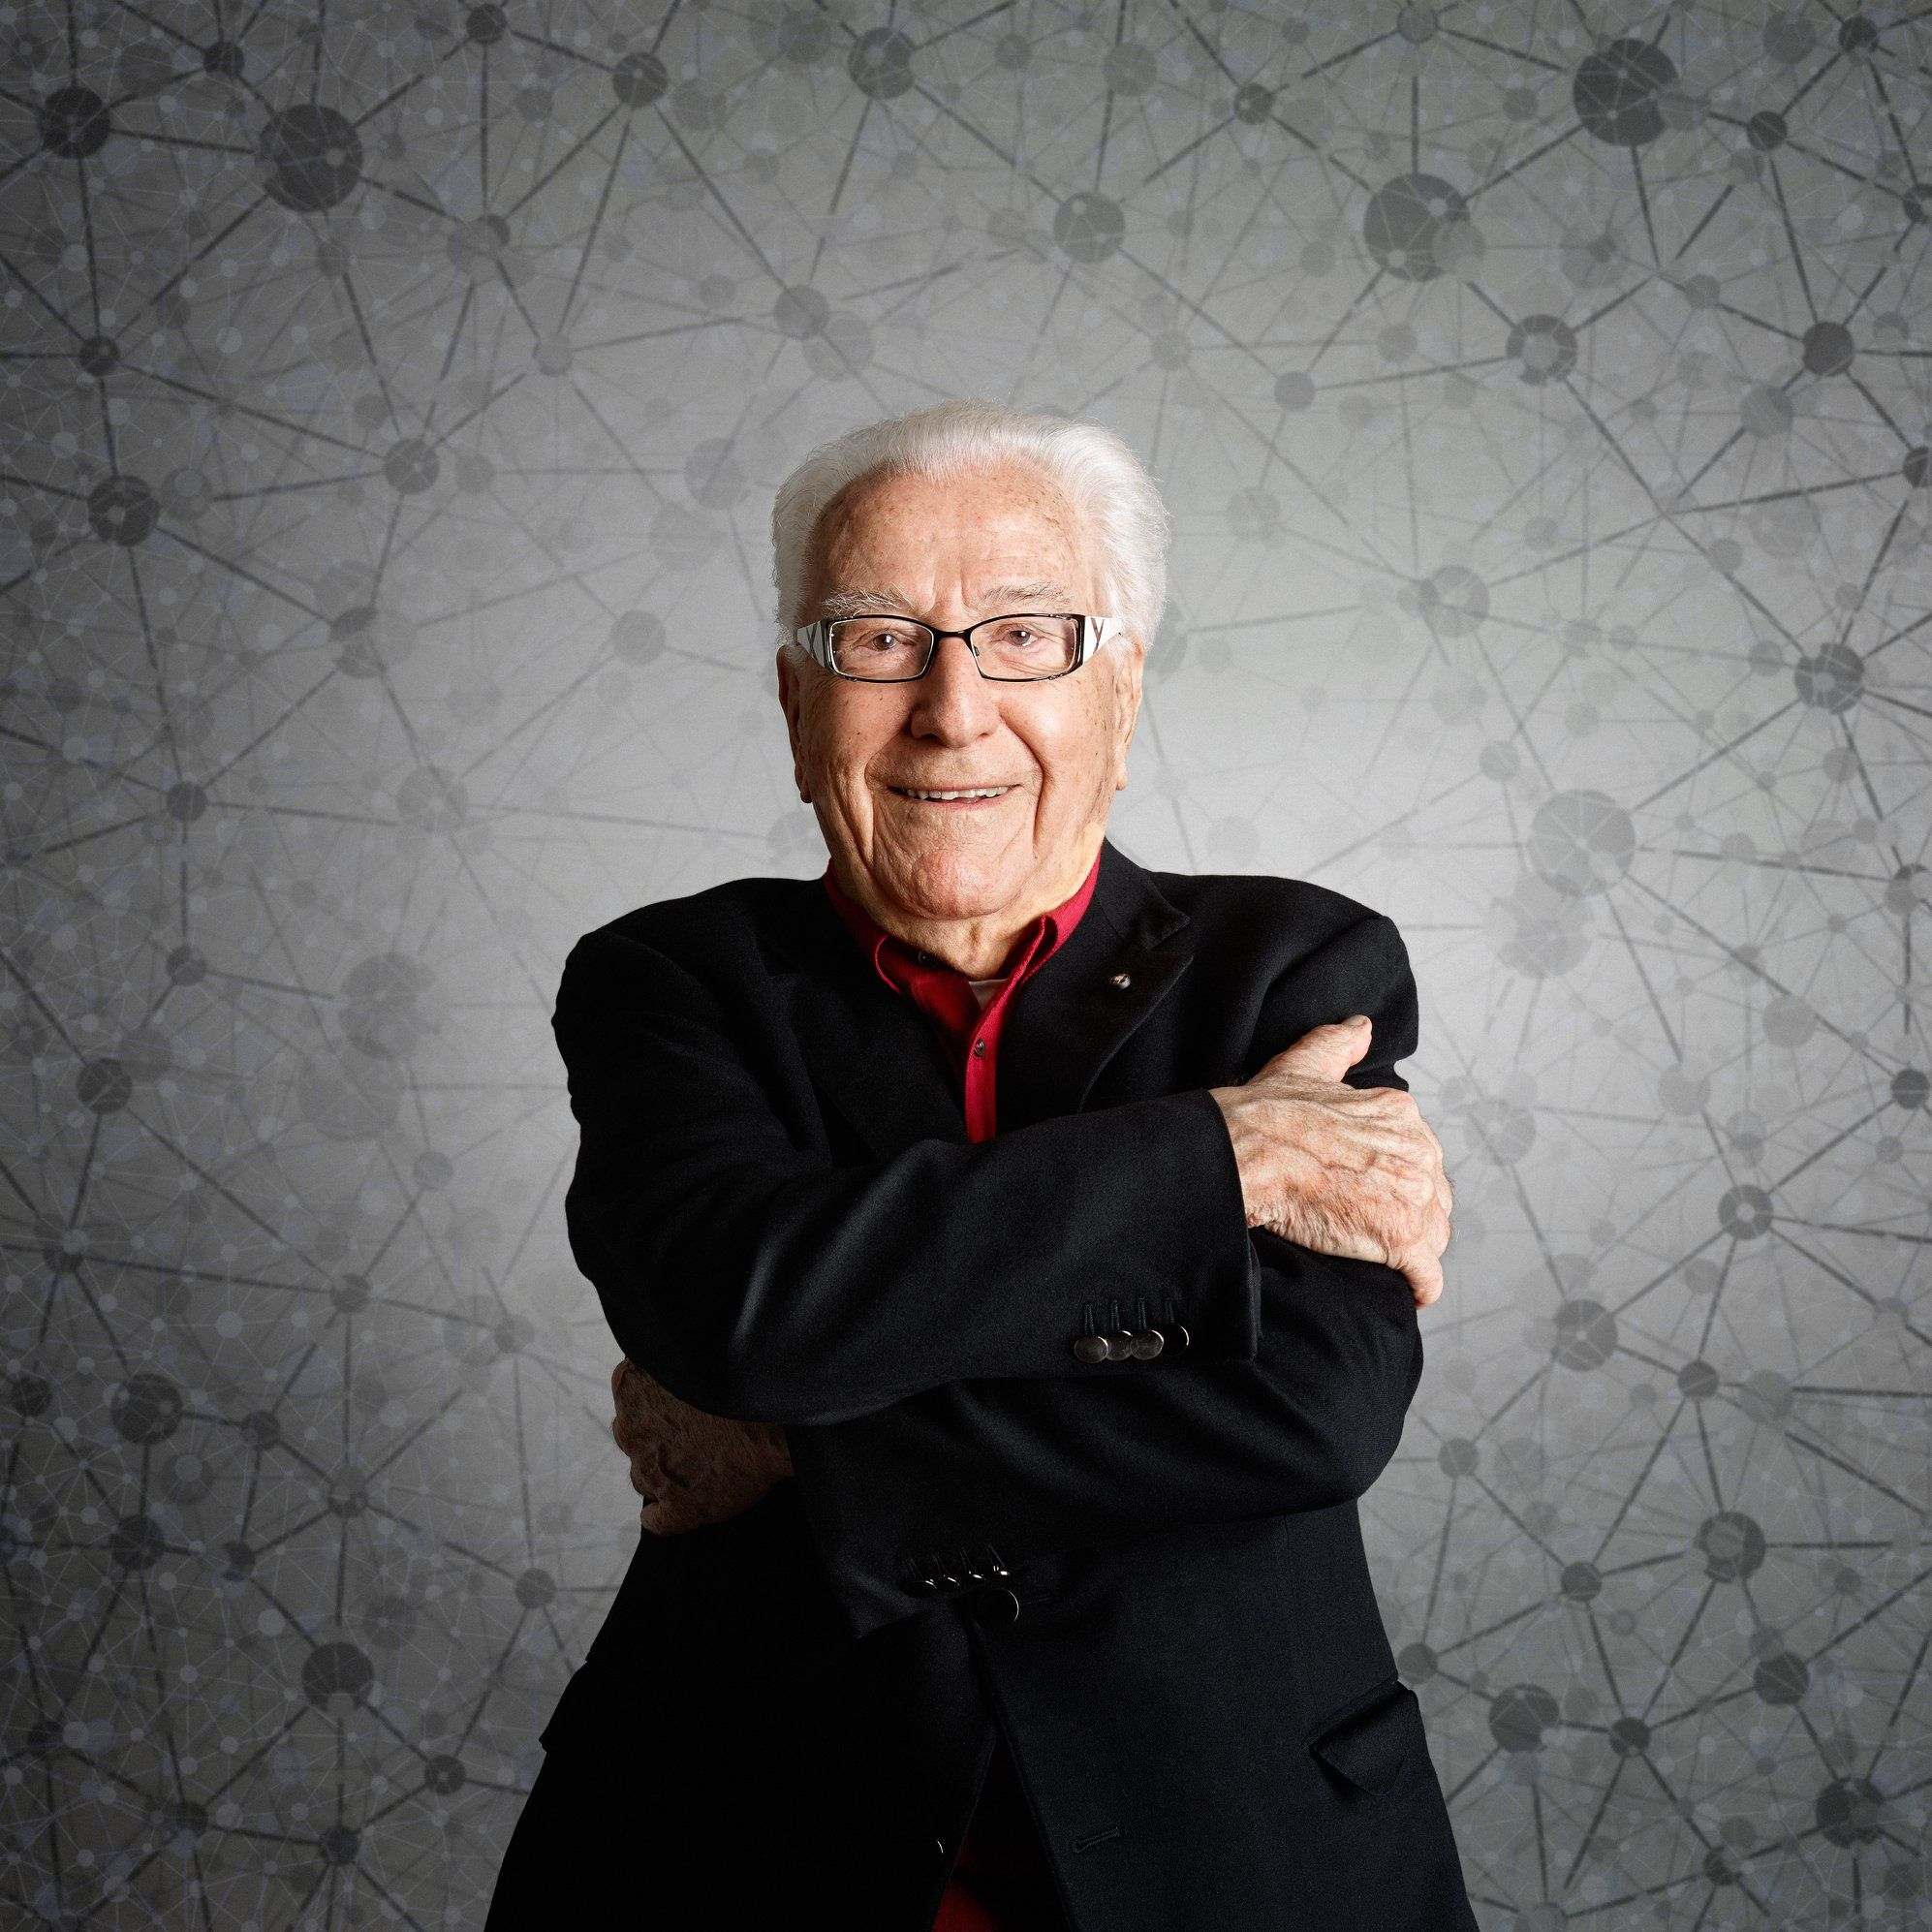 Marino Golinelli compie 100 anni. Storia di un gallerista e mecenate, tra arte e scienza